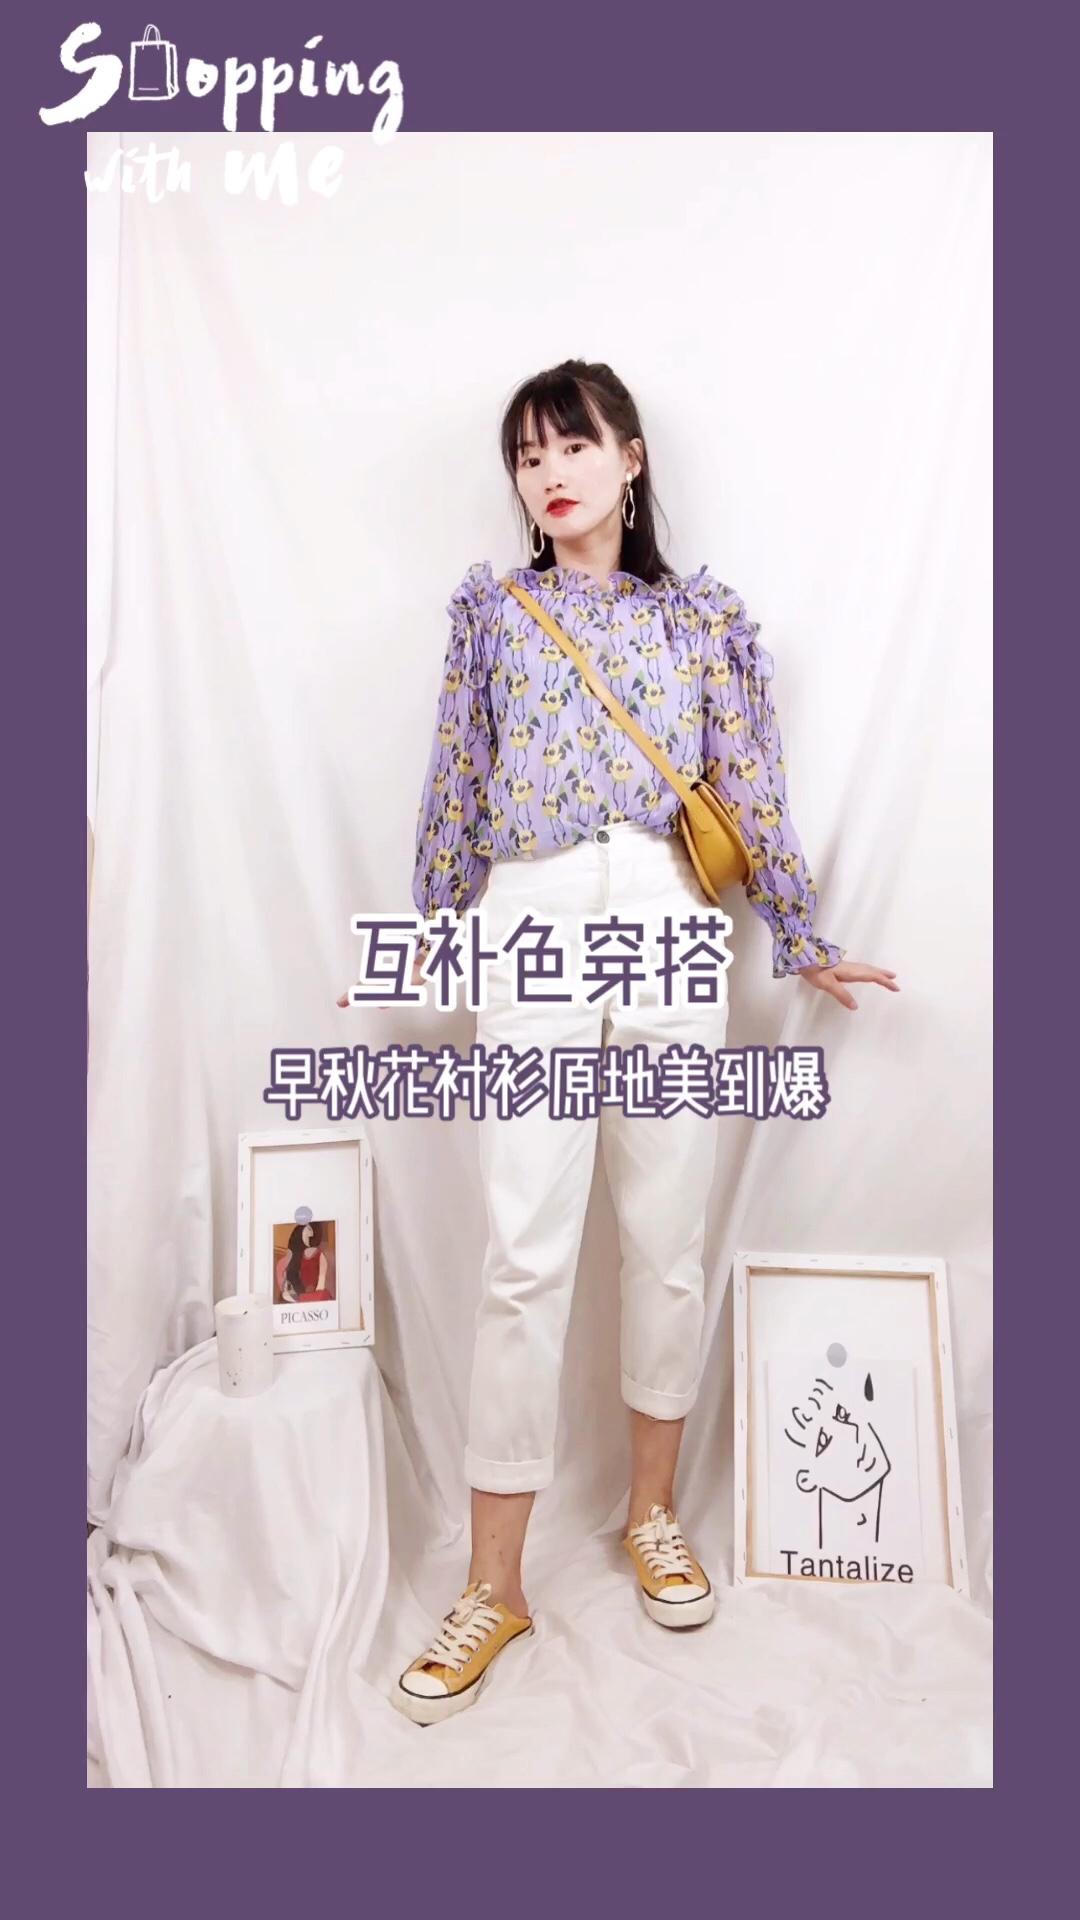 #今年第一套秋装安排上了!#  入秋超美衬衫来了 浪漫紫色超甜!!! 袖子侧面的设计少女心炸了 互补色搭配经典又洋气 超喜欢!!!